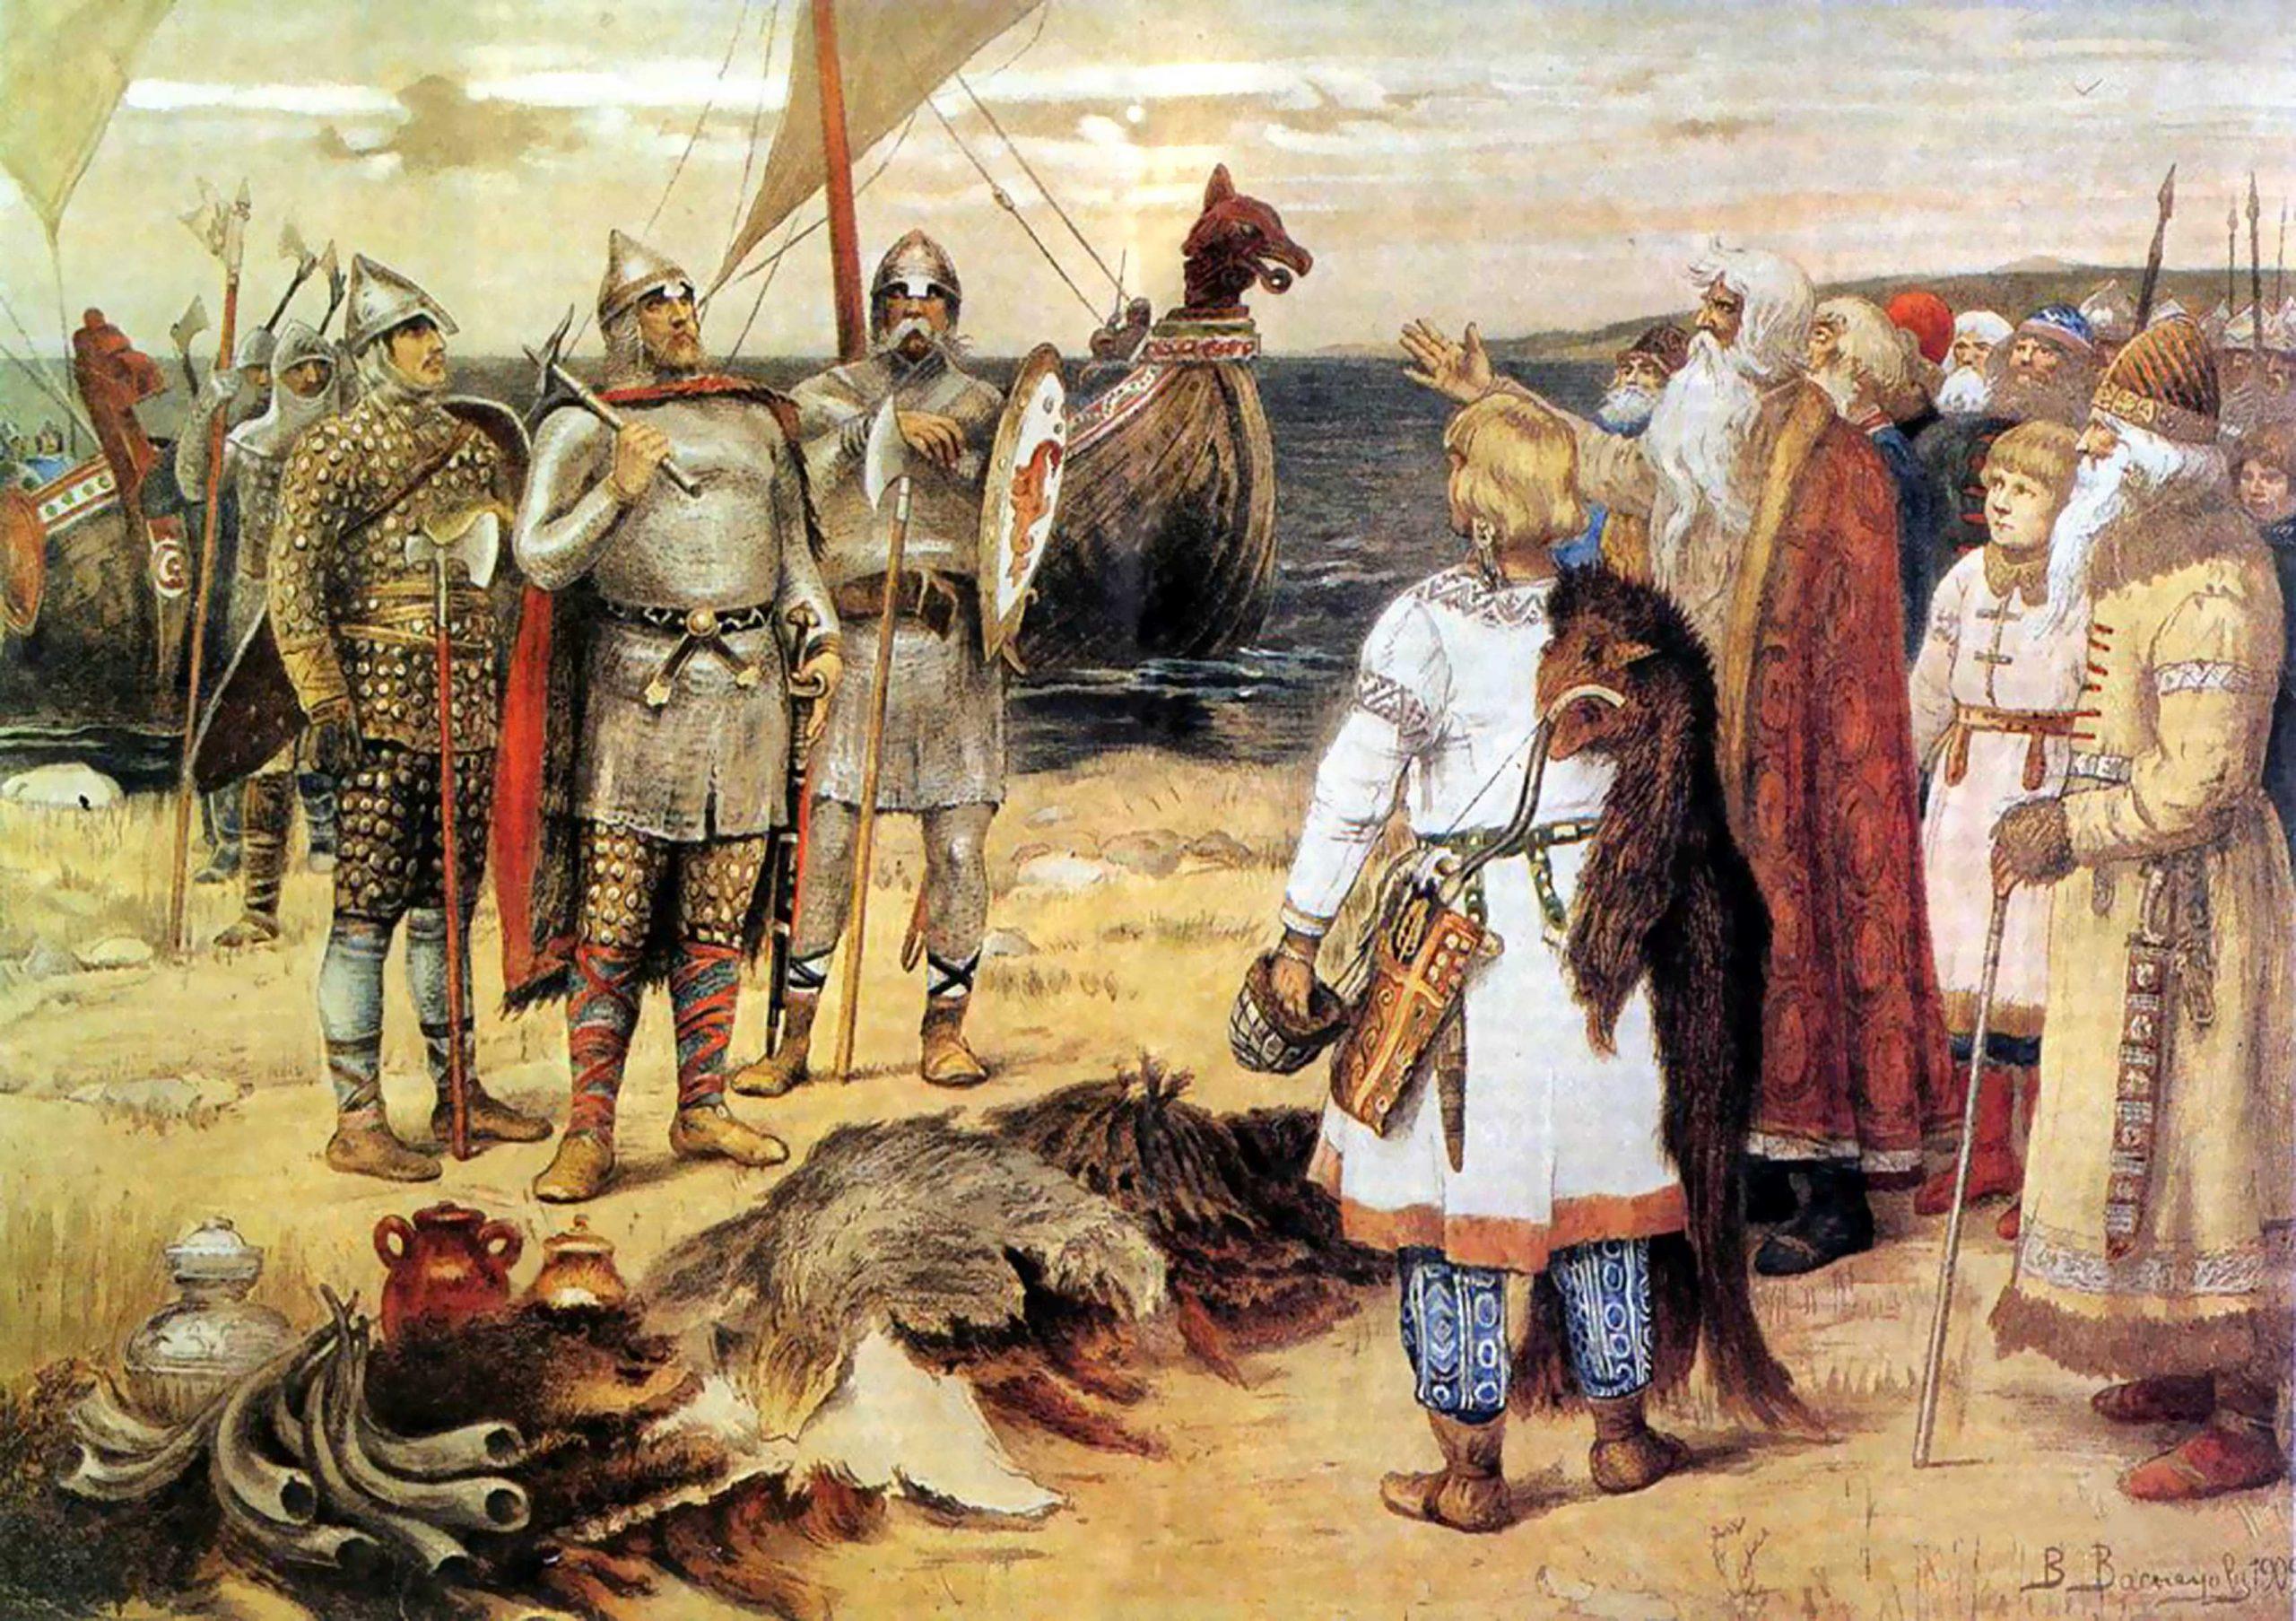 """Abb. 2: Die Ankunft des Warägers Rjurik und seiner Brüder Sineus und Truvor im Jahr 862 in Ladoga nach der """"Berufungslegende"""" in der Nestor-Chronik. Gemälde des Russischen Malers Viktor Vasnecov (1848-1926) aus dem Jahr 1909 (Wikipedia Commons)."""